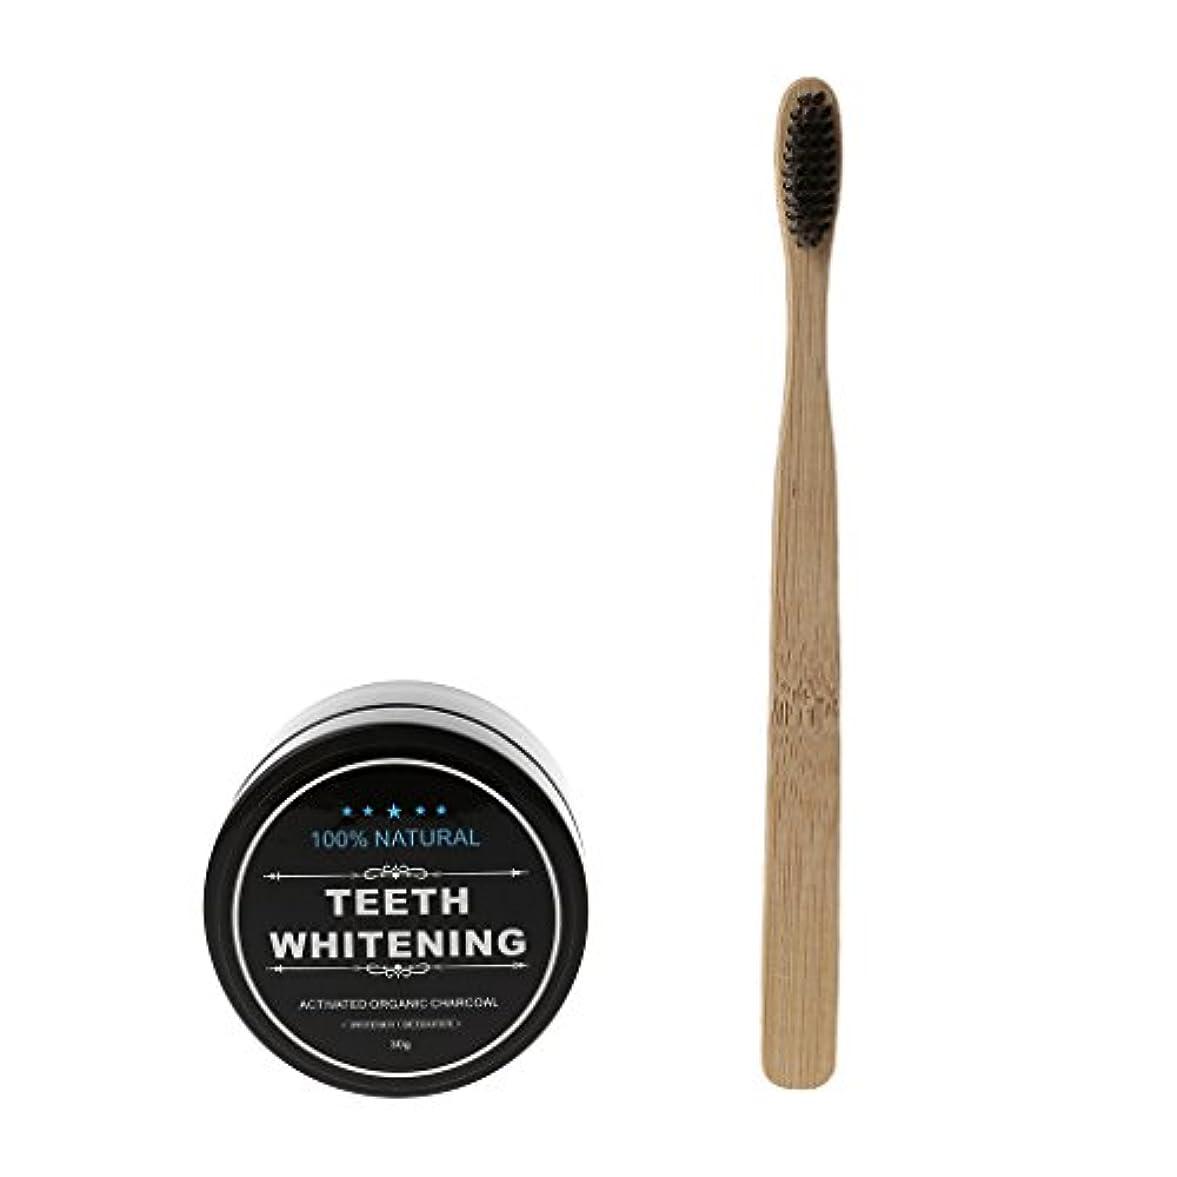 アイザック言い直すピンポイントJAGETRADEバンブーホワイトニング歯のパウダーオーガニックは、木炭の練り歯磨き&歯ブラシシルバーを活性化する